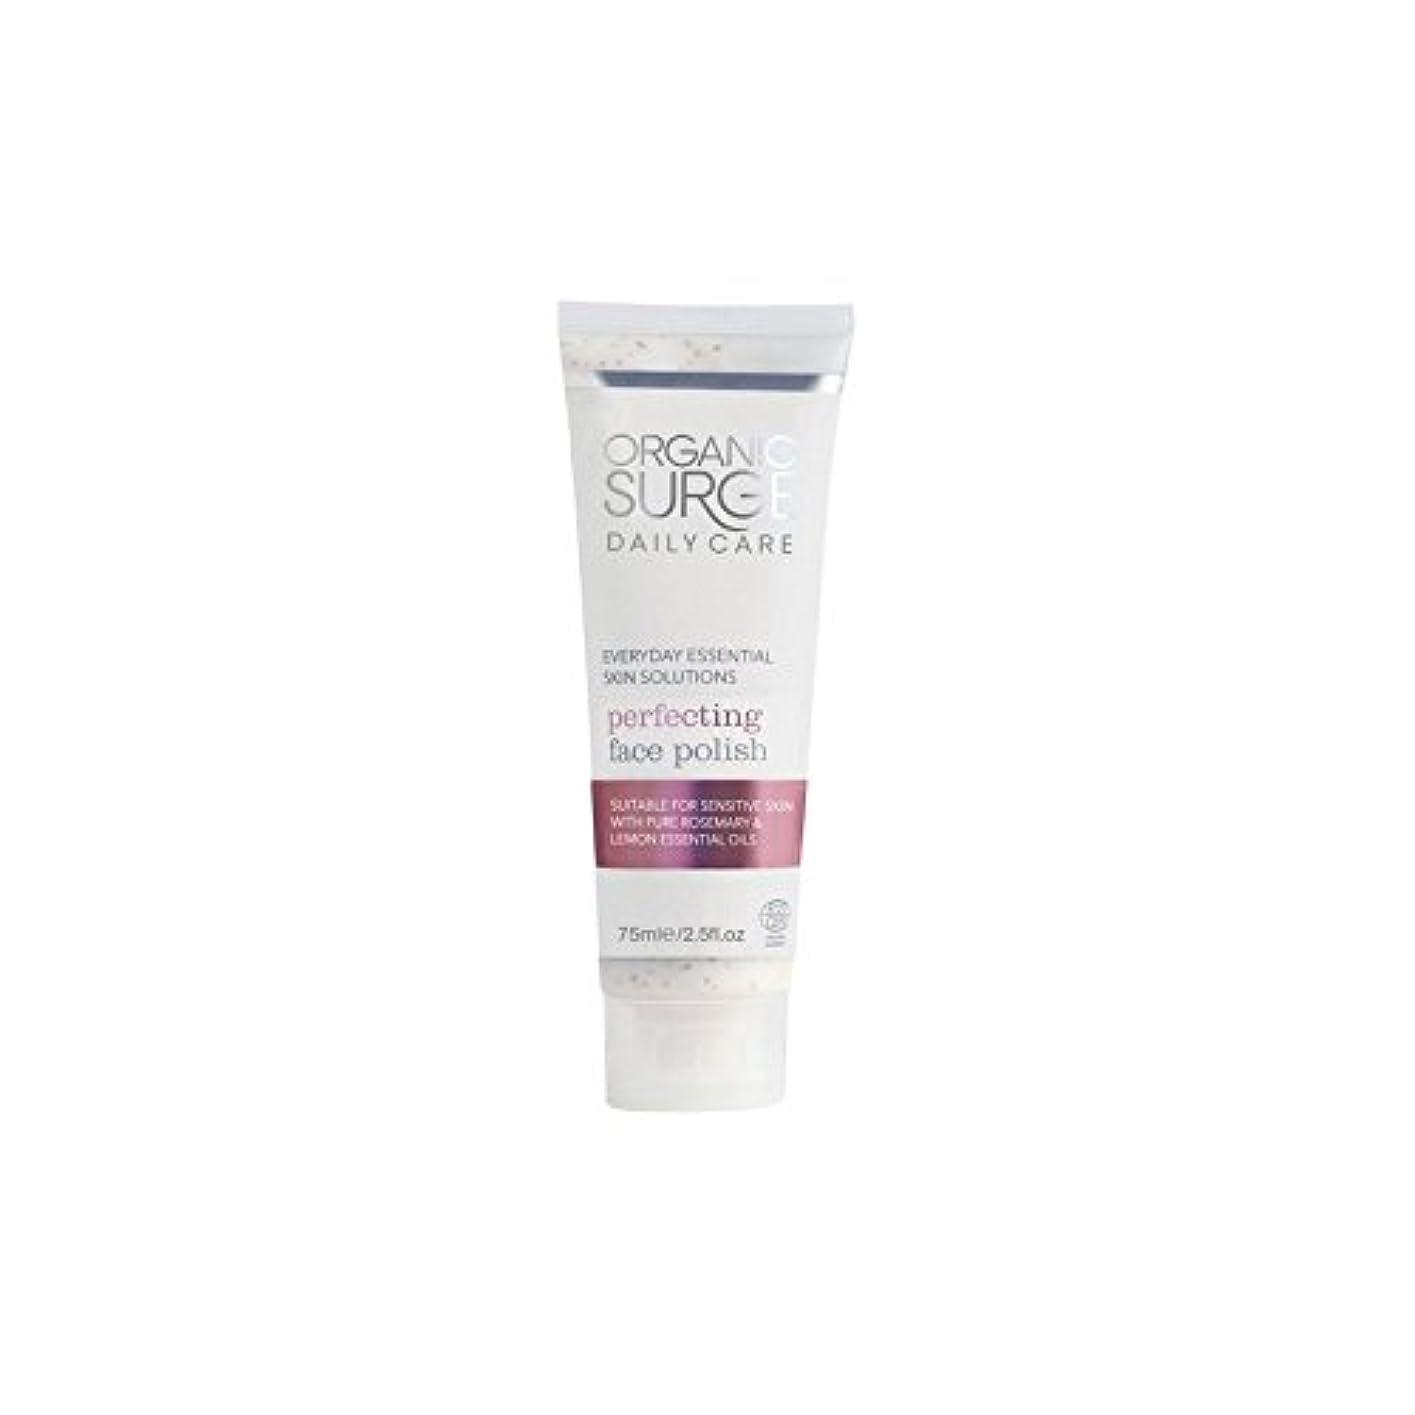 創造アンプエラー面研磨を完成有機サージ毎日のケア(75ミリリットル) x4 - Organic Surge Daily Care Perfecting Face Polish (75ml) (Pack of 4) [並行輸入品]